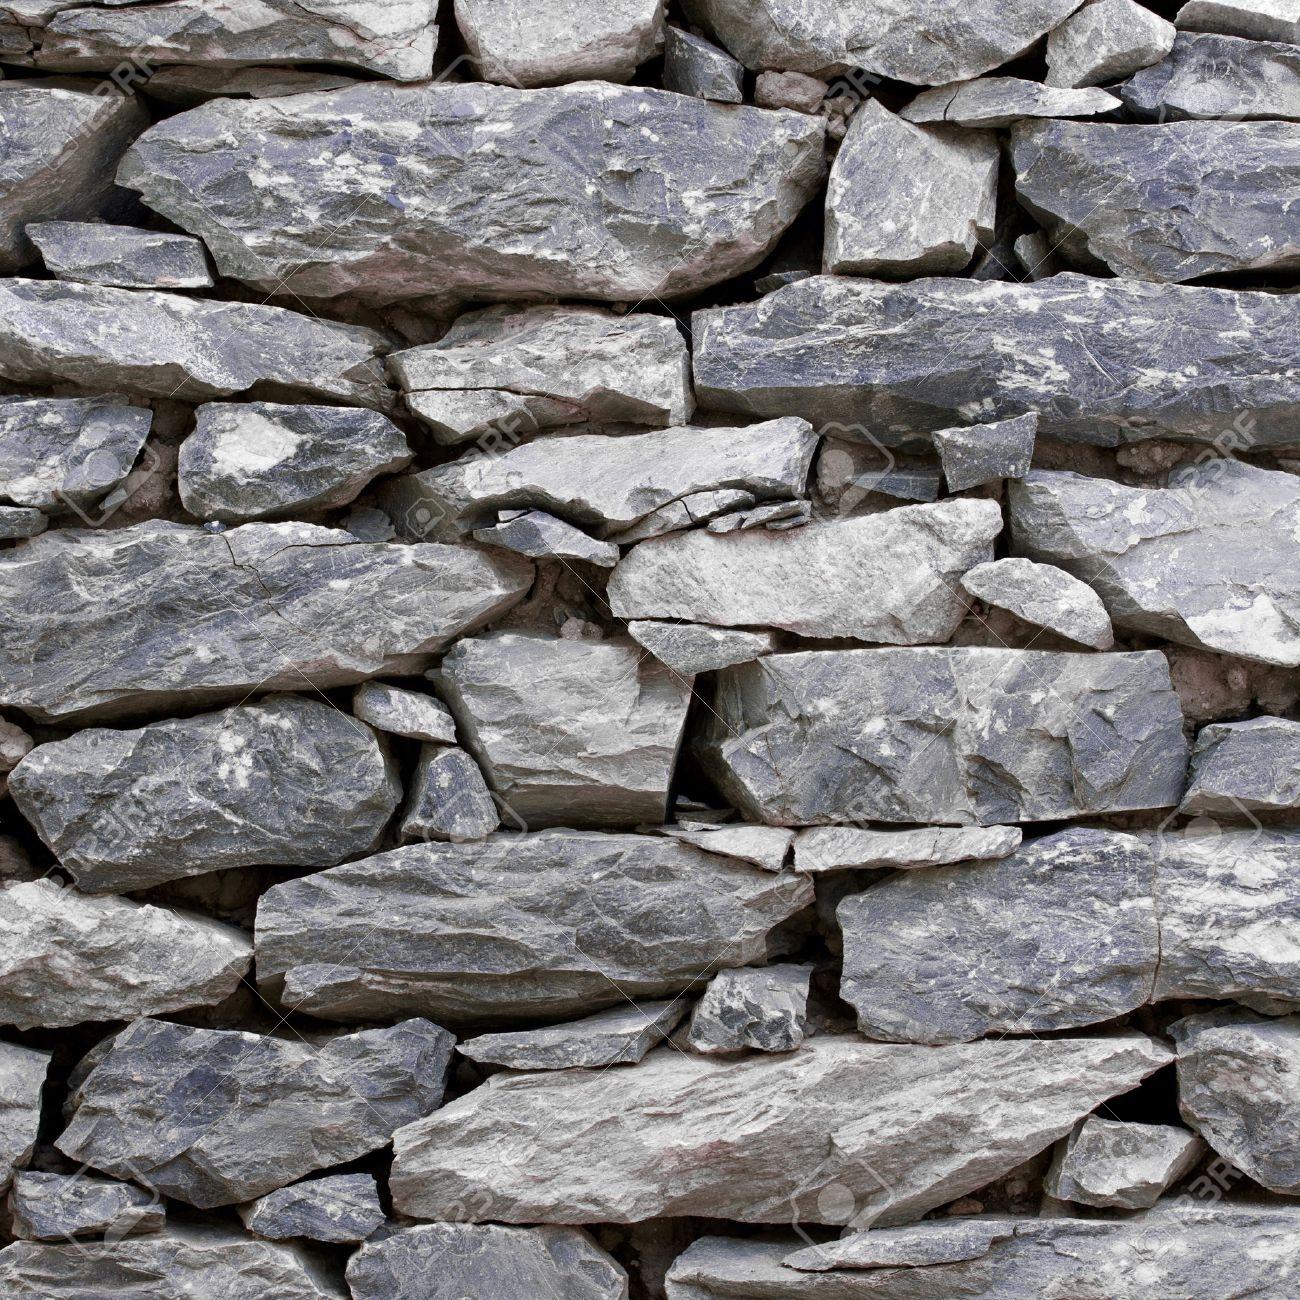 Mur D Ardoise Intérieur Tout Mur D Ardoise Interieur ~ Frdesigner.co